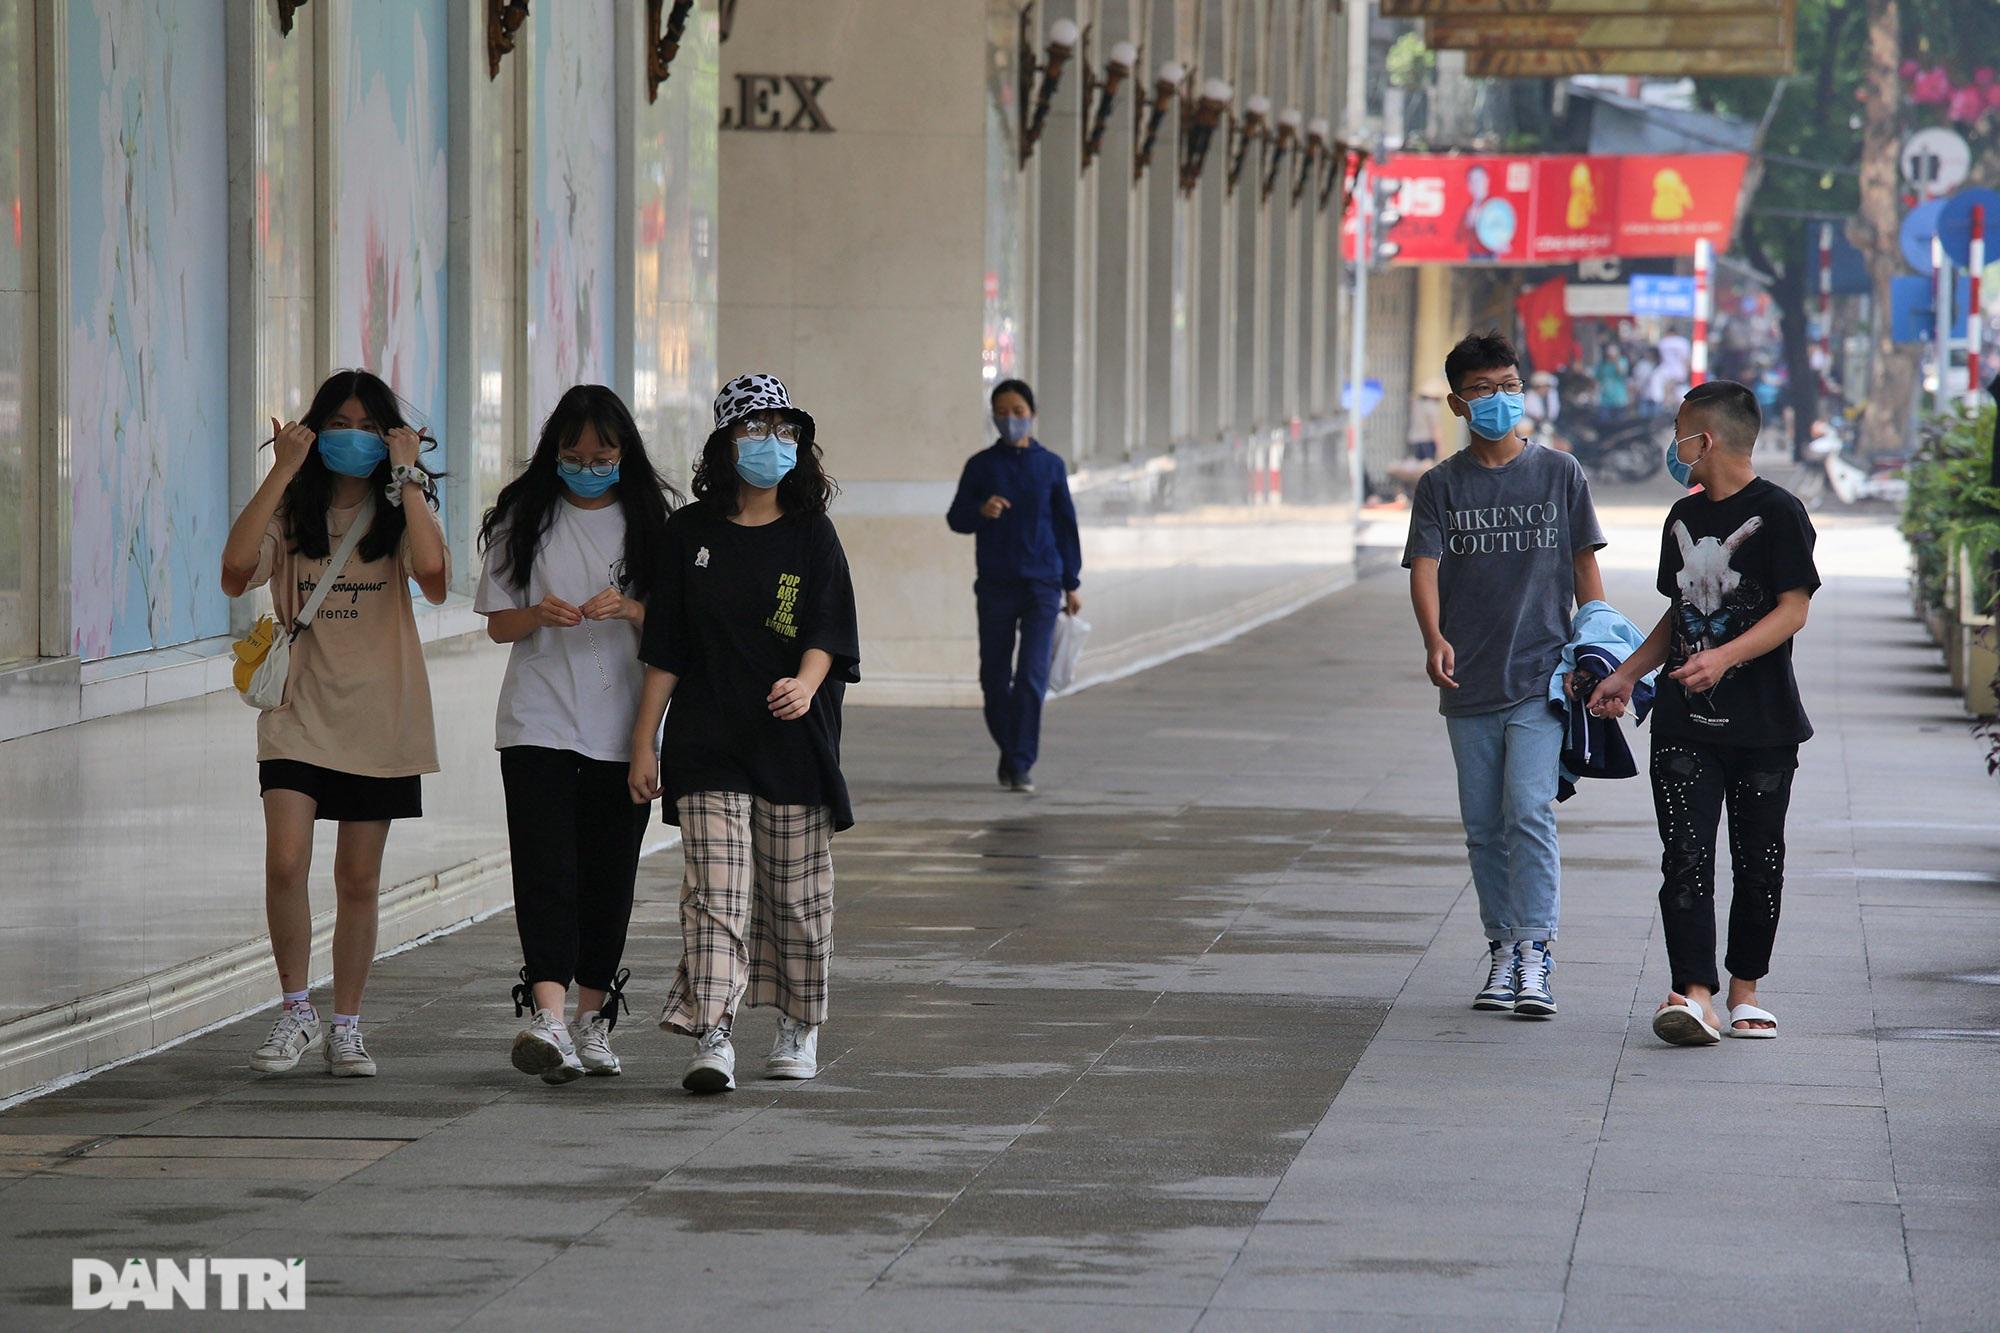 Mặc dù lo ngại dịch Covid-19, nhiều điểm vui chơi ở Hà Nội vẫn đông khách - 3